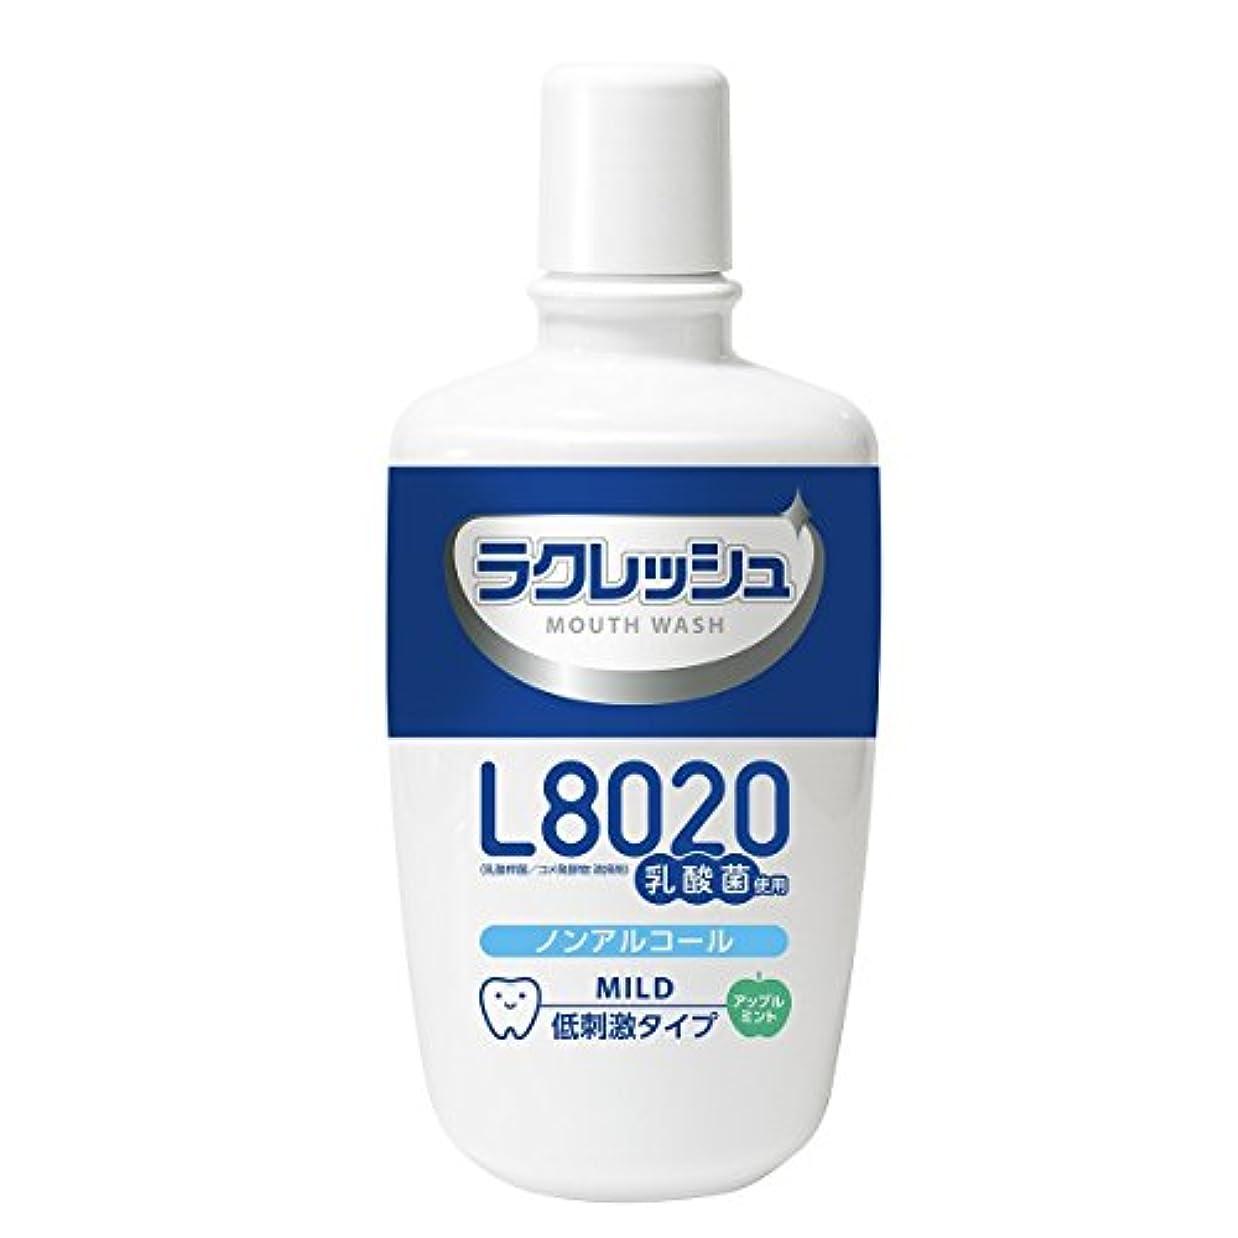 有益なポイント硬いラクレッシュ L8020菌 マウスウォッシュ 3本セット (マイルド)